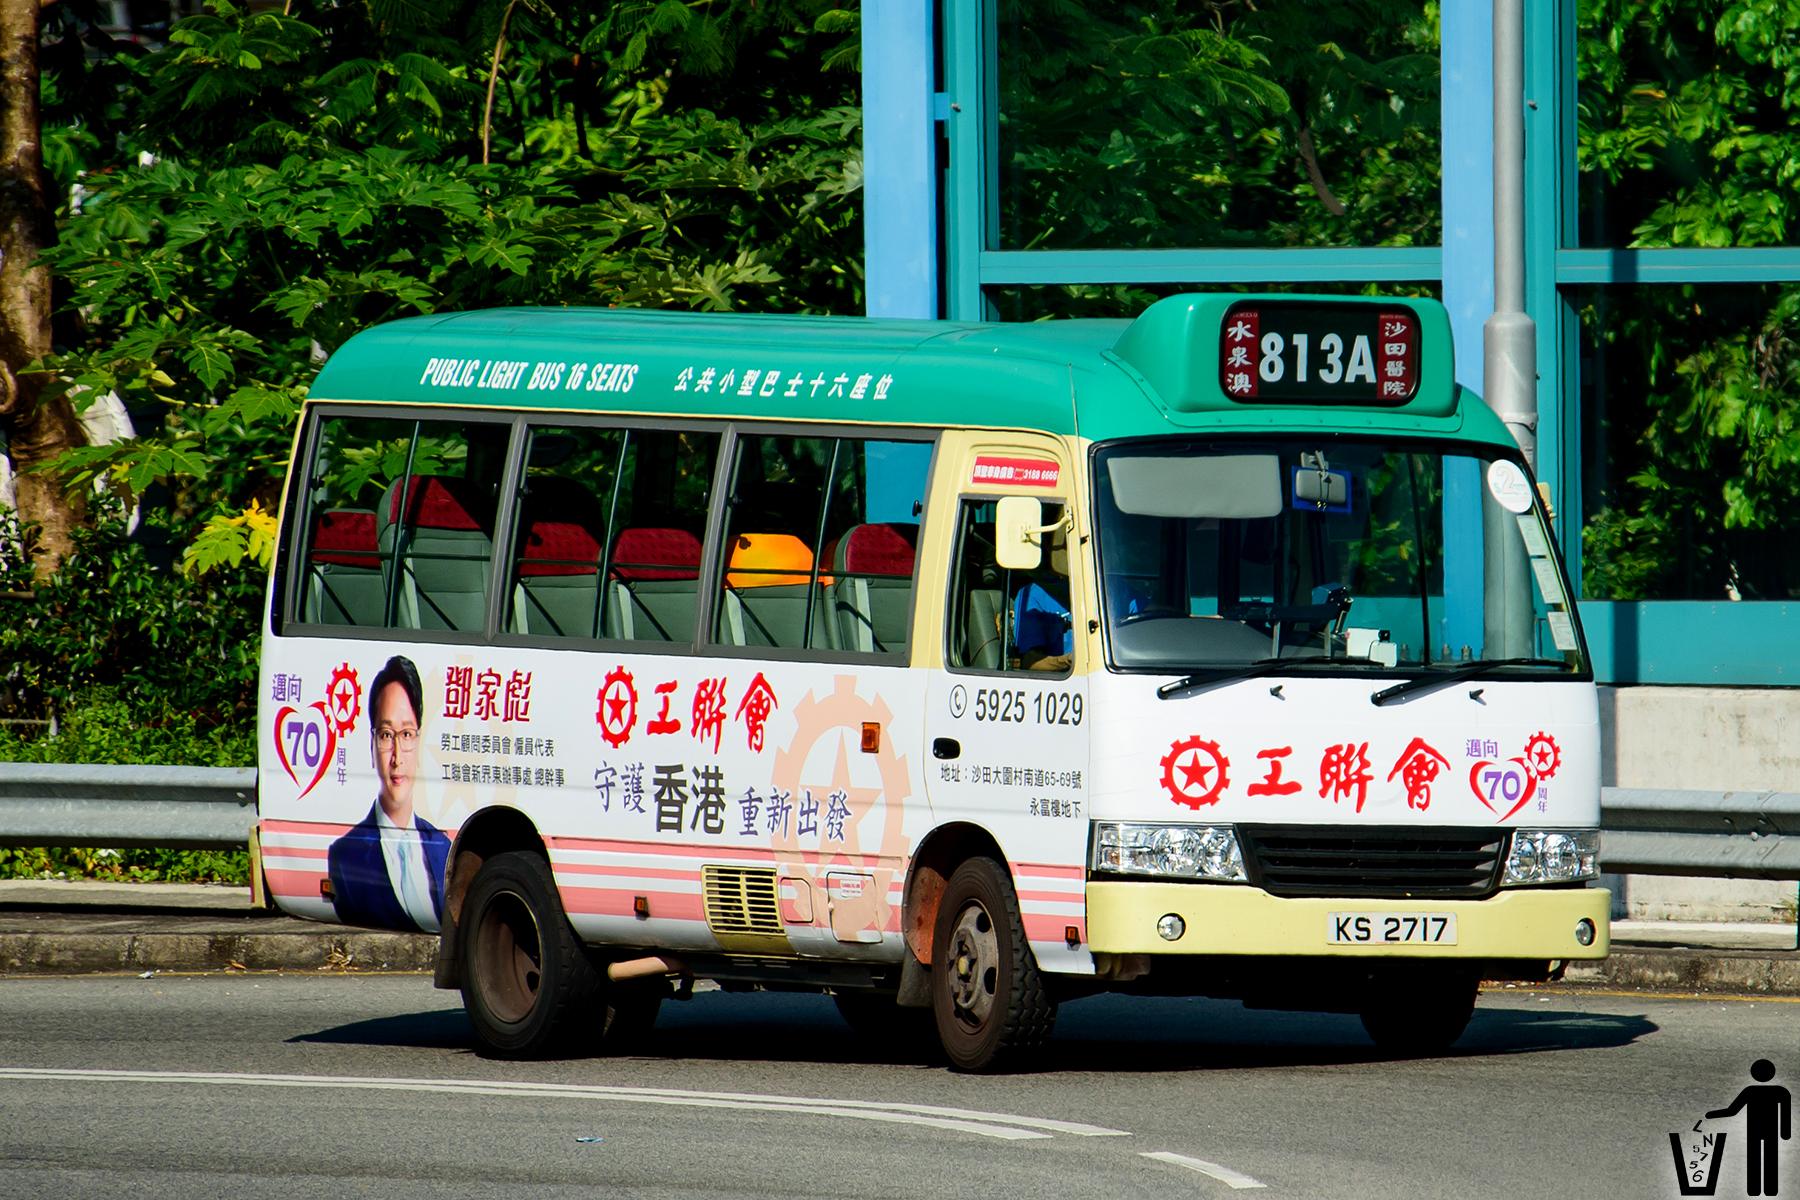 新界專綫小巴813A線